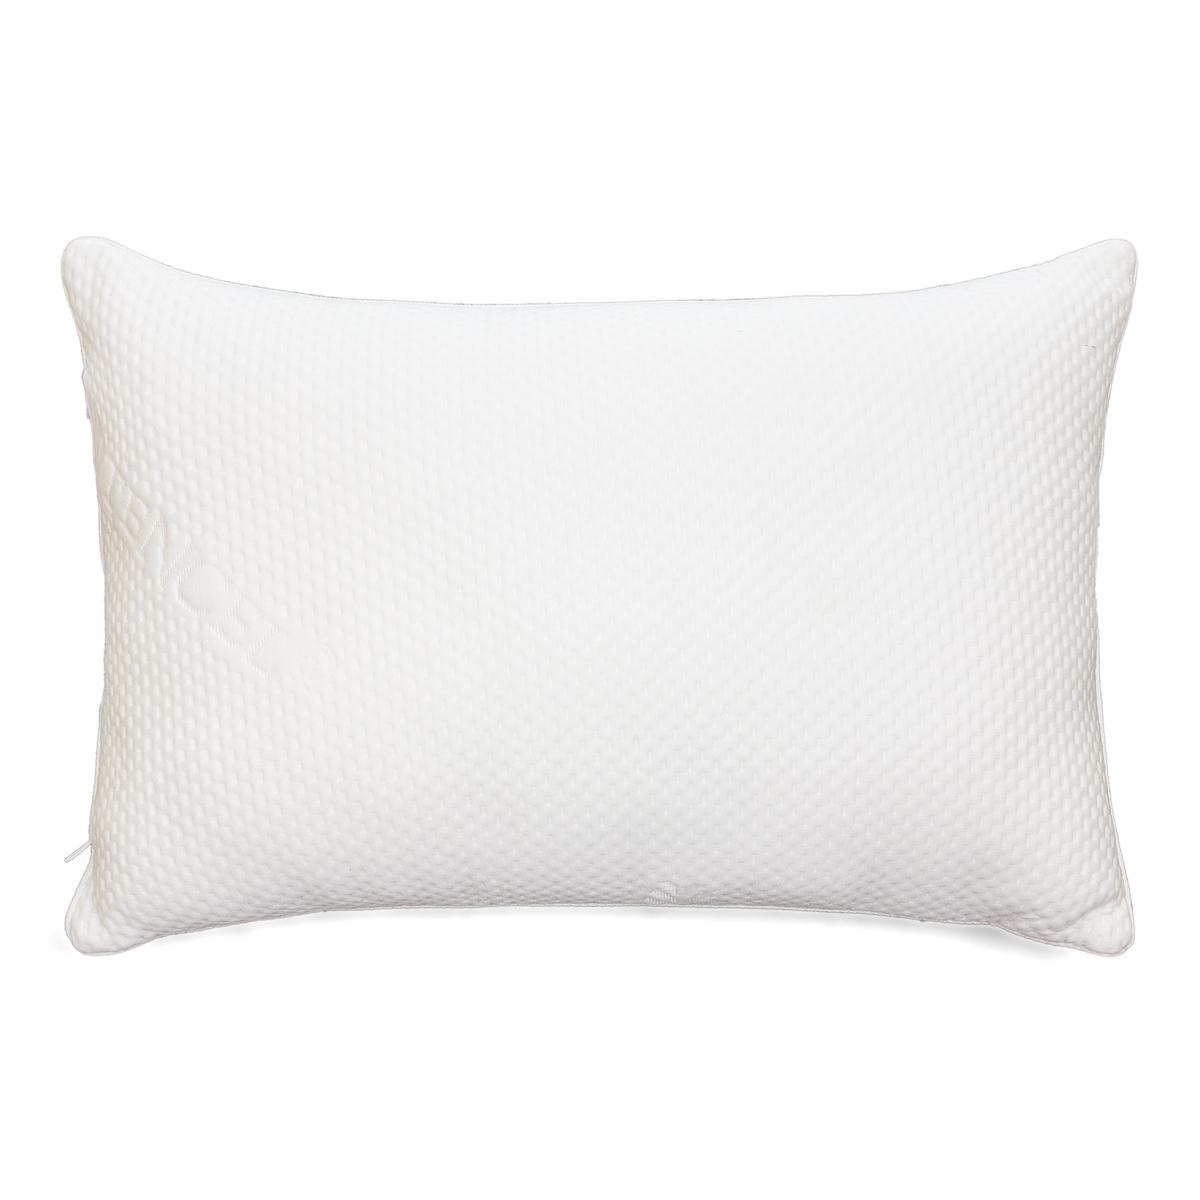 Подушка  Эвкалиптовая Антистресс  р. 40х60 - Текстиль для дома артикул: 22079